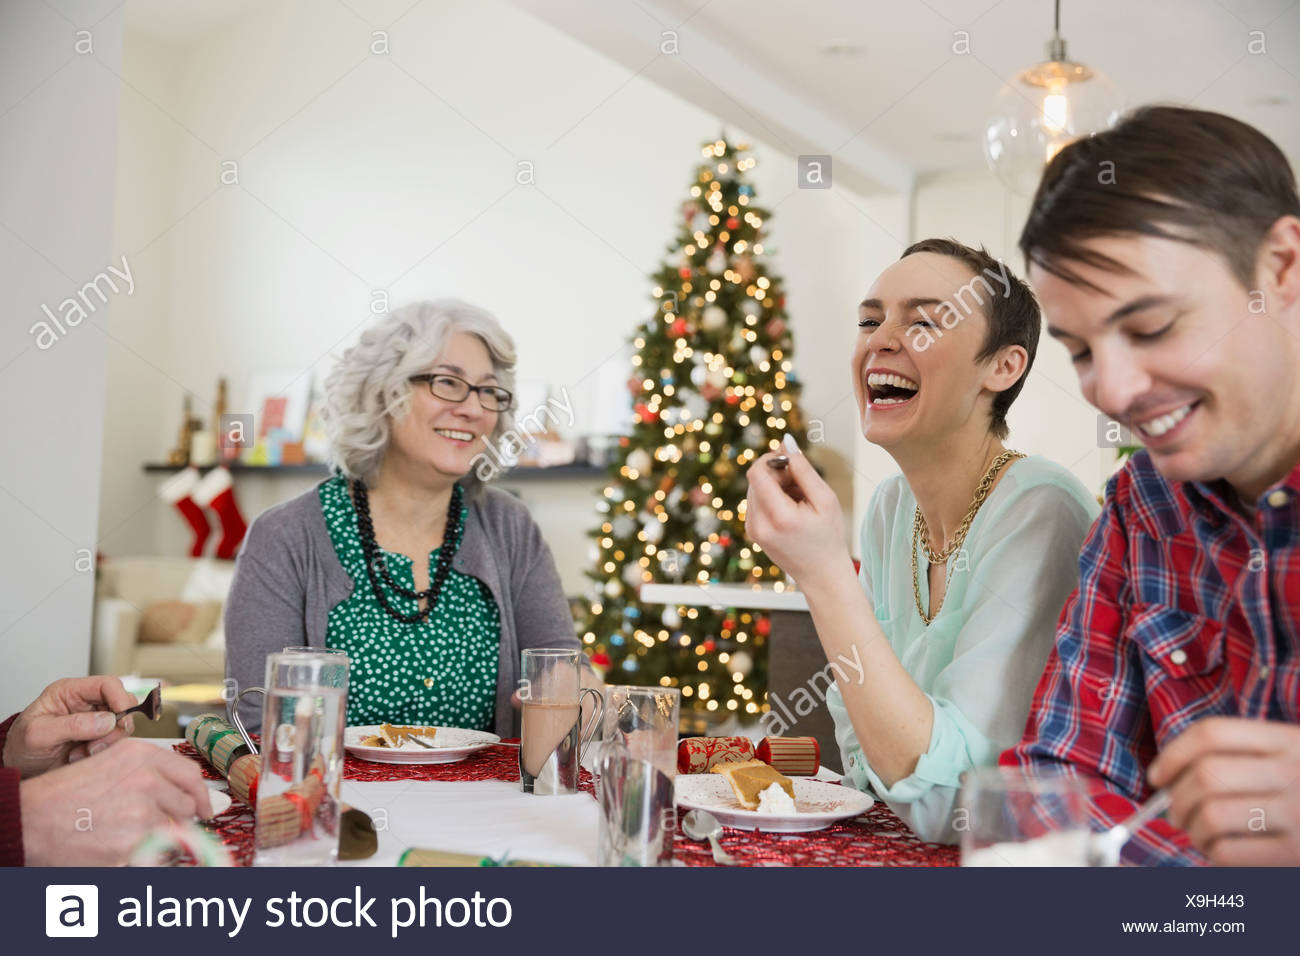 Familia disfrutando de comidas navideñas juntos Imagen De Stock